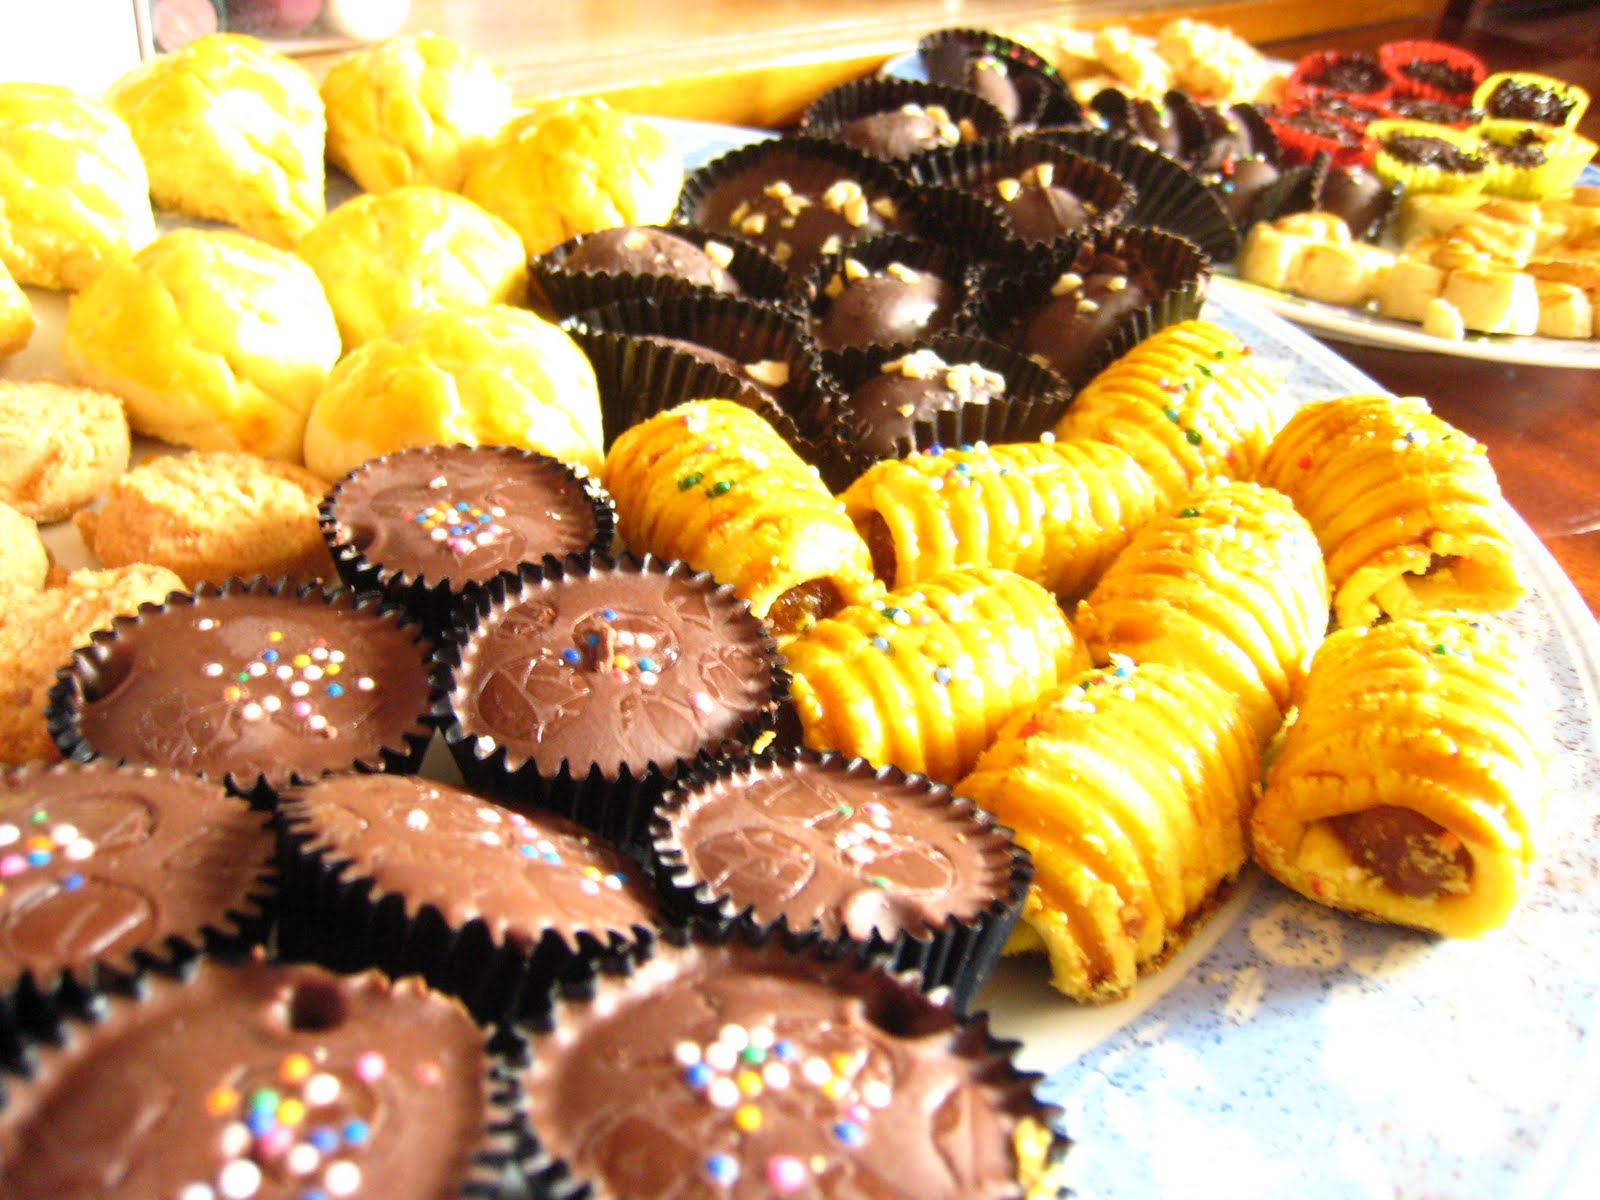 sertakan kembali senarai harga terbaru kuih/biskut raya 1431H / 2010